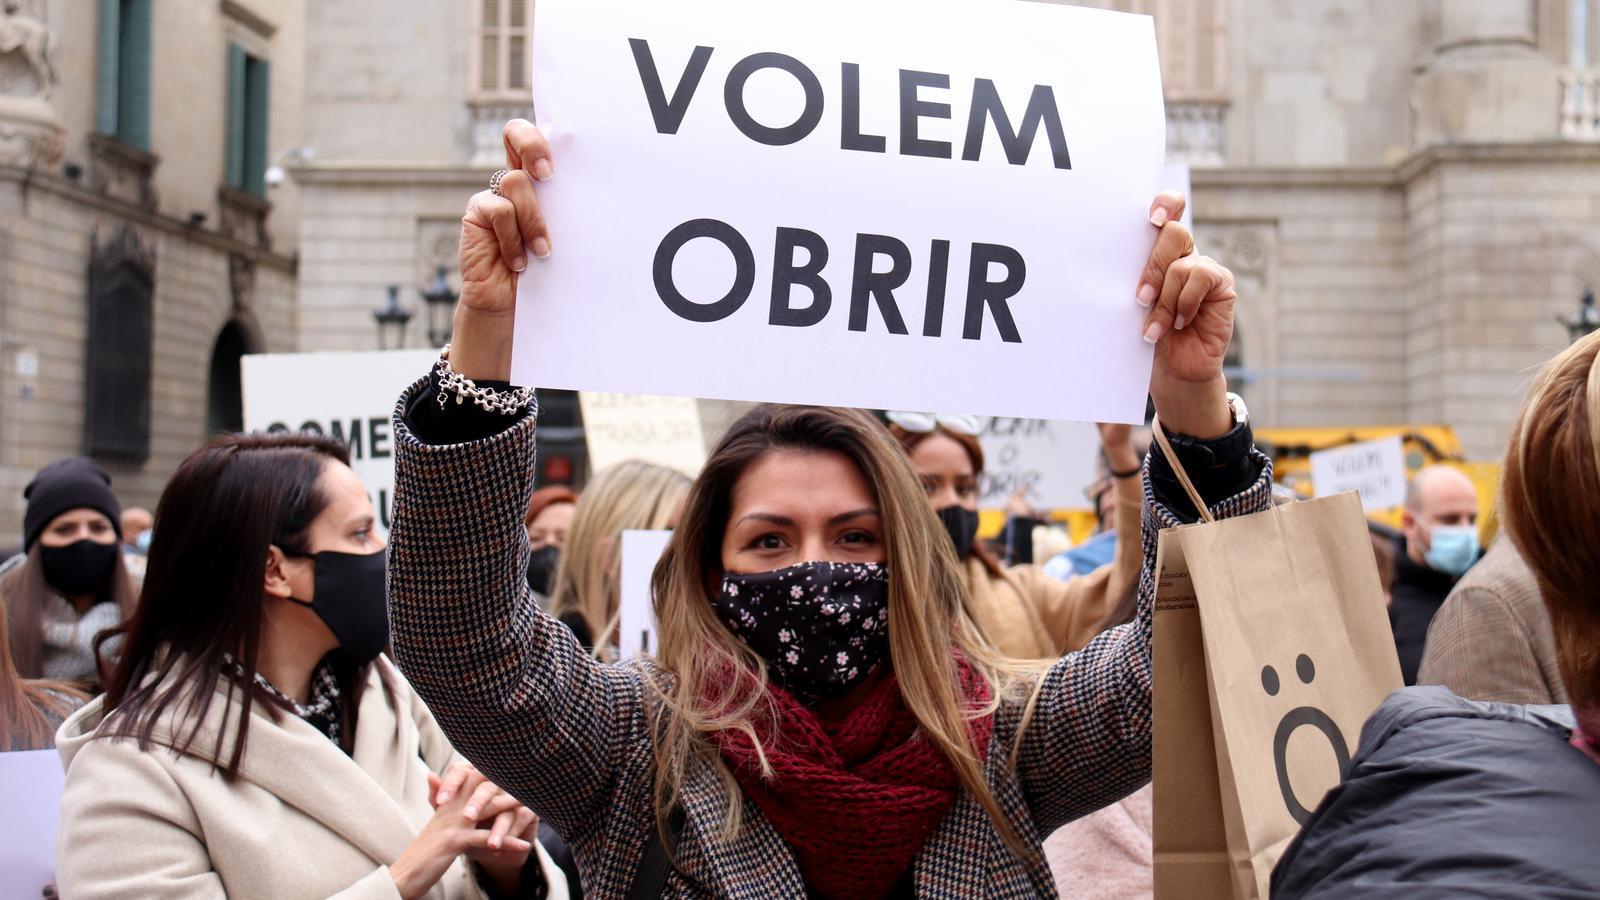 Una manifestant en la protesta d'aquest dimecres a la plaça Sant Jaume de Barcelona per reclamar l'obertura dels centres comercials